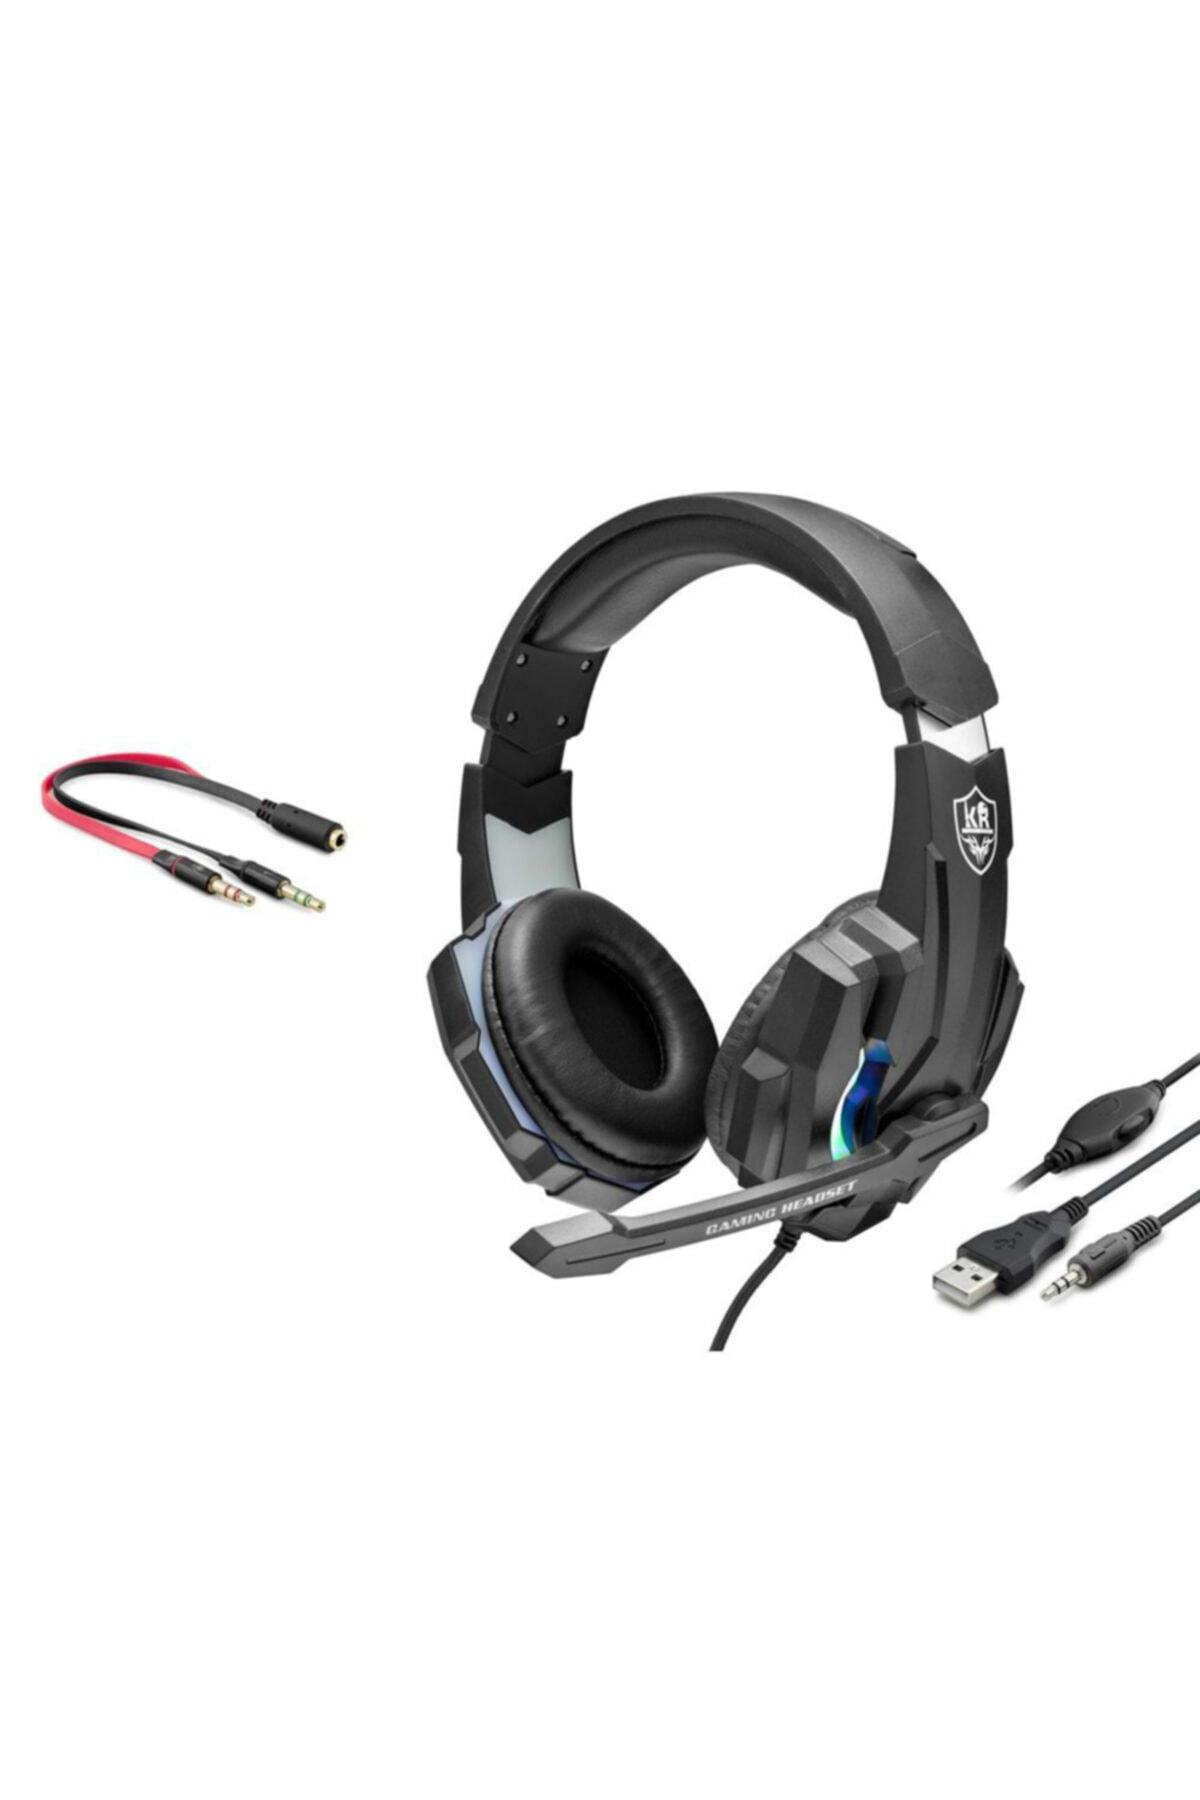 OWWOTECH Karler Bass Profesyonel Oyuncu Kulaklığı Rgb Kablolu Işıklı Mikrofonlu Kulaklık M 448 2